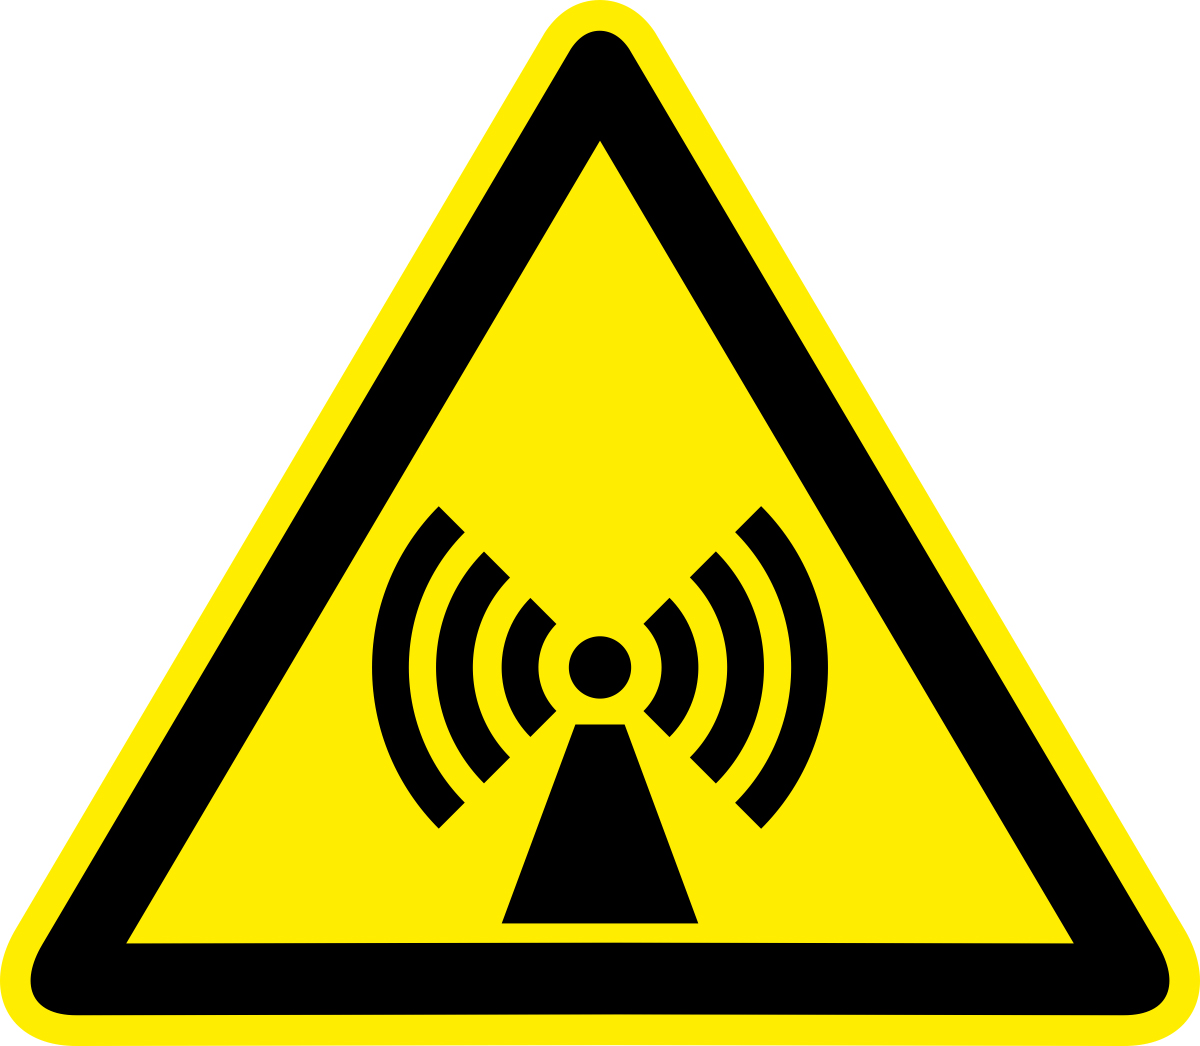 Наклейка информационная Оранжевый Слоник Внимание. Электромагнитное поле, 15 х 15 смINW004RGBИнформационные наклейки предназначенны для предупреждения людей о непосредственной или возможной опасности, запрещения, предписания или разрешения определенных действий, а также для информации о расположении объектов и средств, использование которых ислючает или снижает воздействие опасных и (или) вредных факторов.